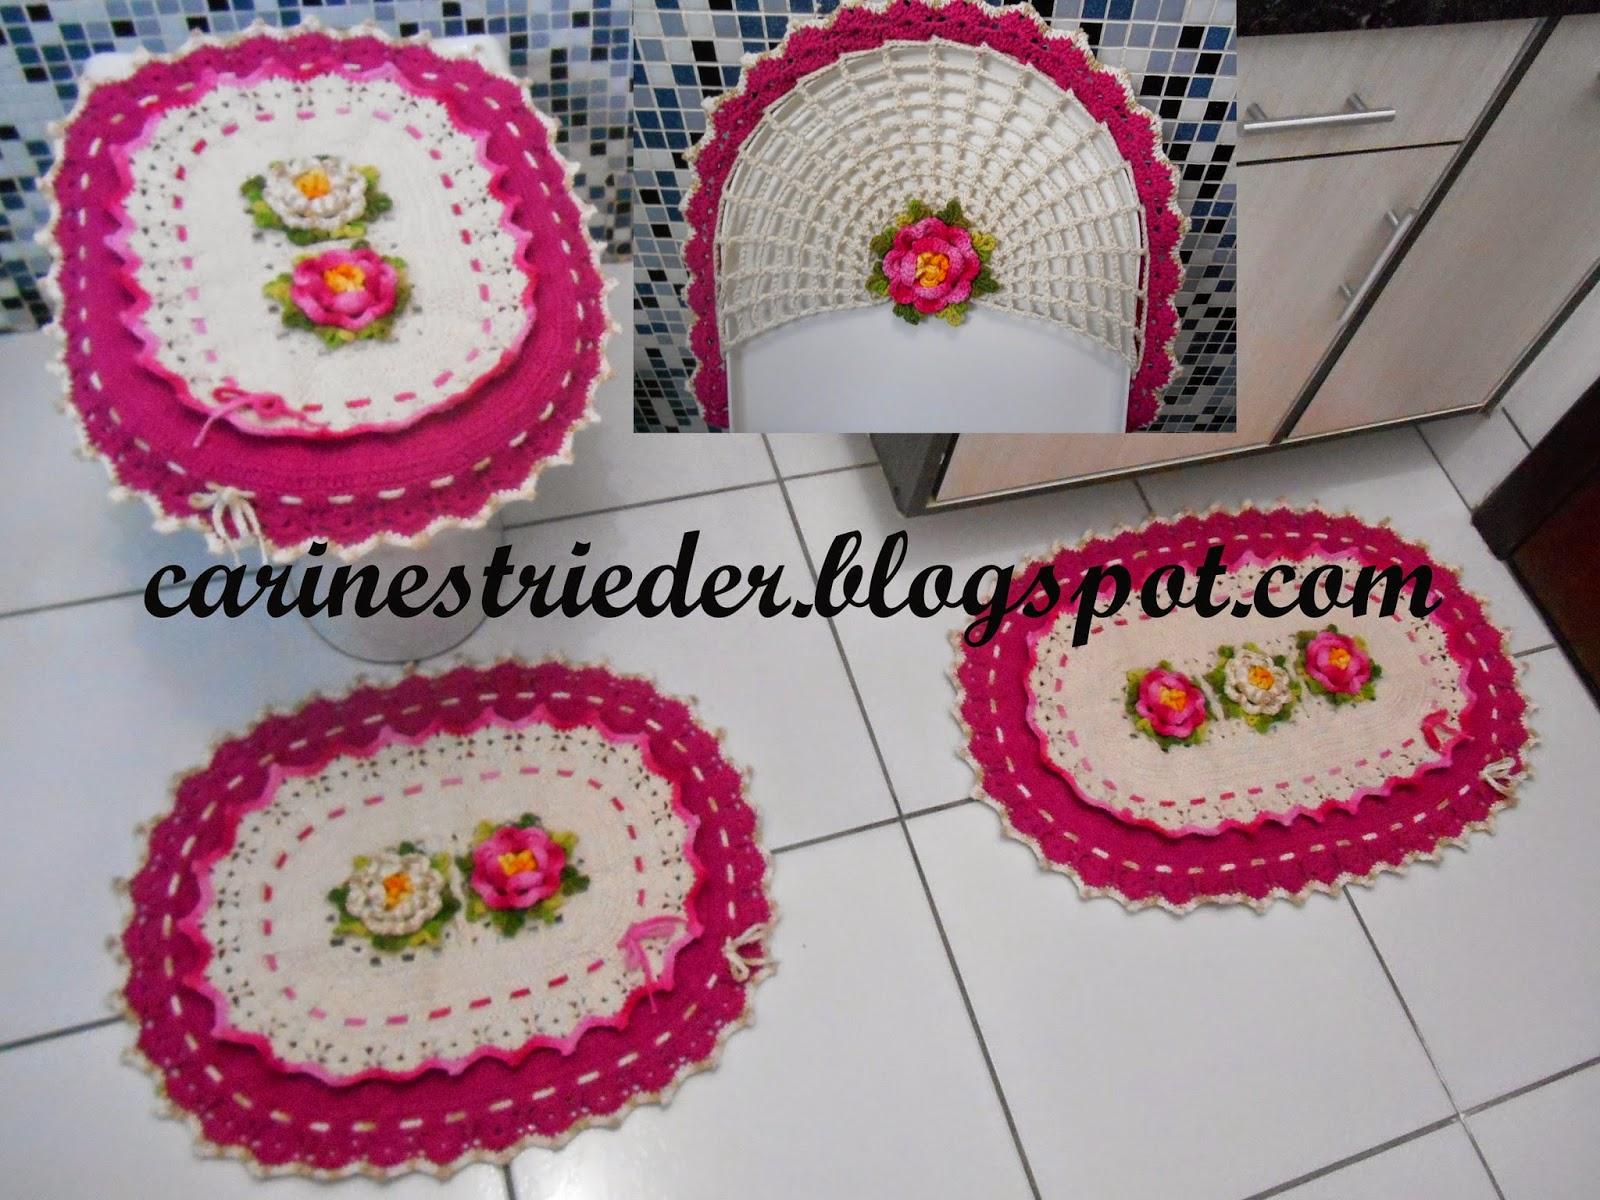 Jogo De Banheiro Classic Rosa Passo A Passo : Carine strieder crochet designer jogo de banheiro oval